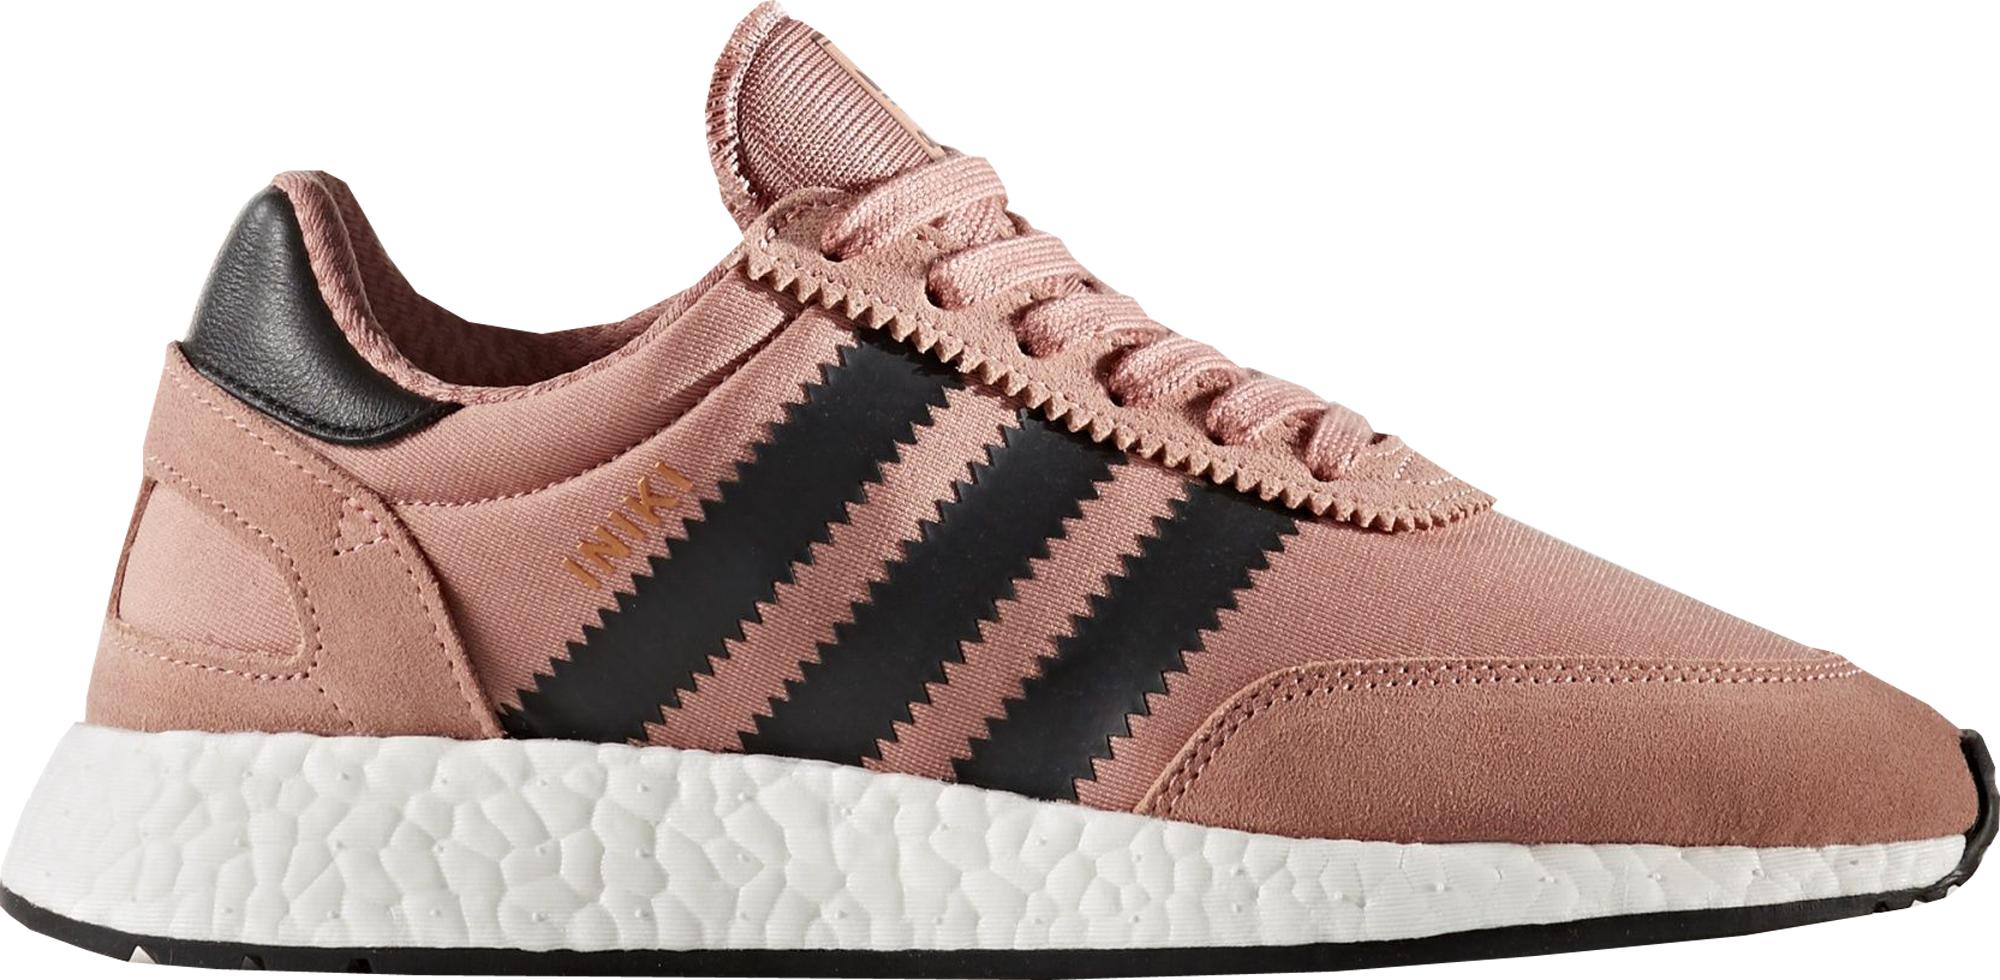 Adidas Iniki Runner RAW Pink Core negro (W)